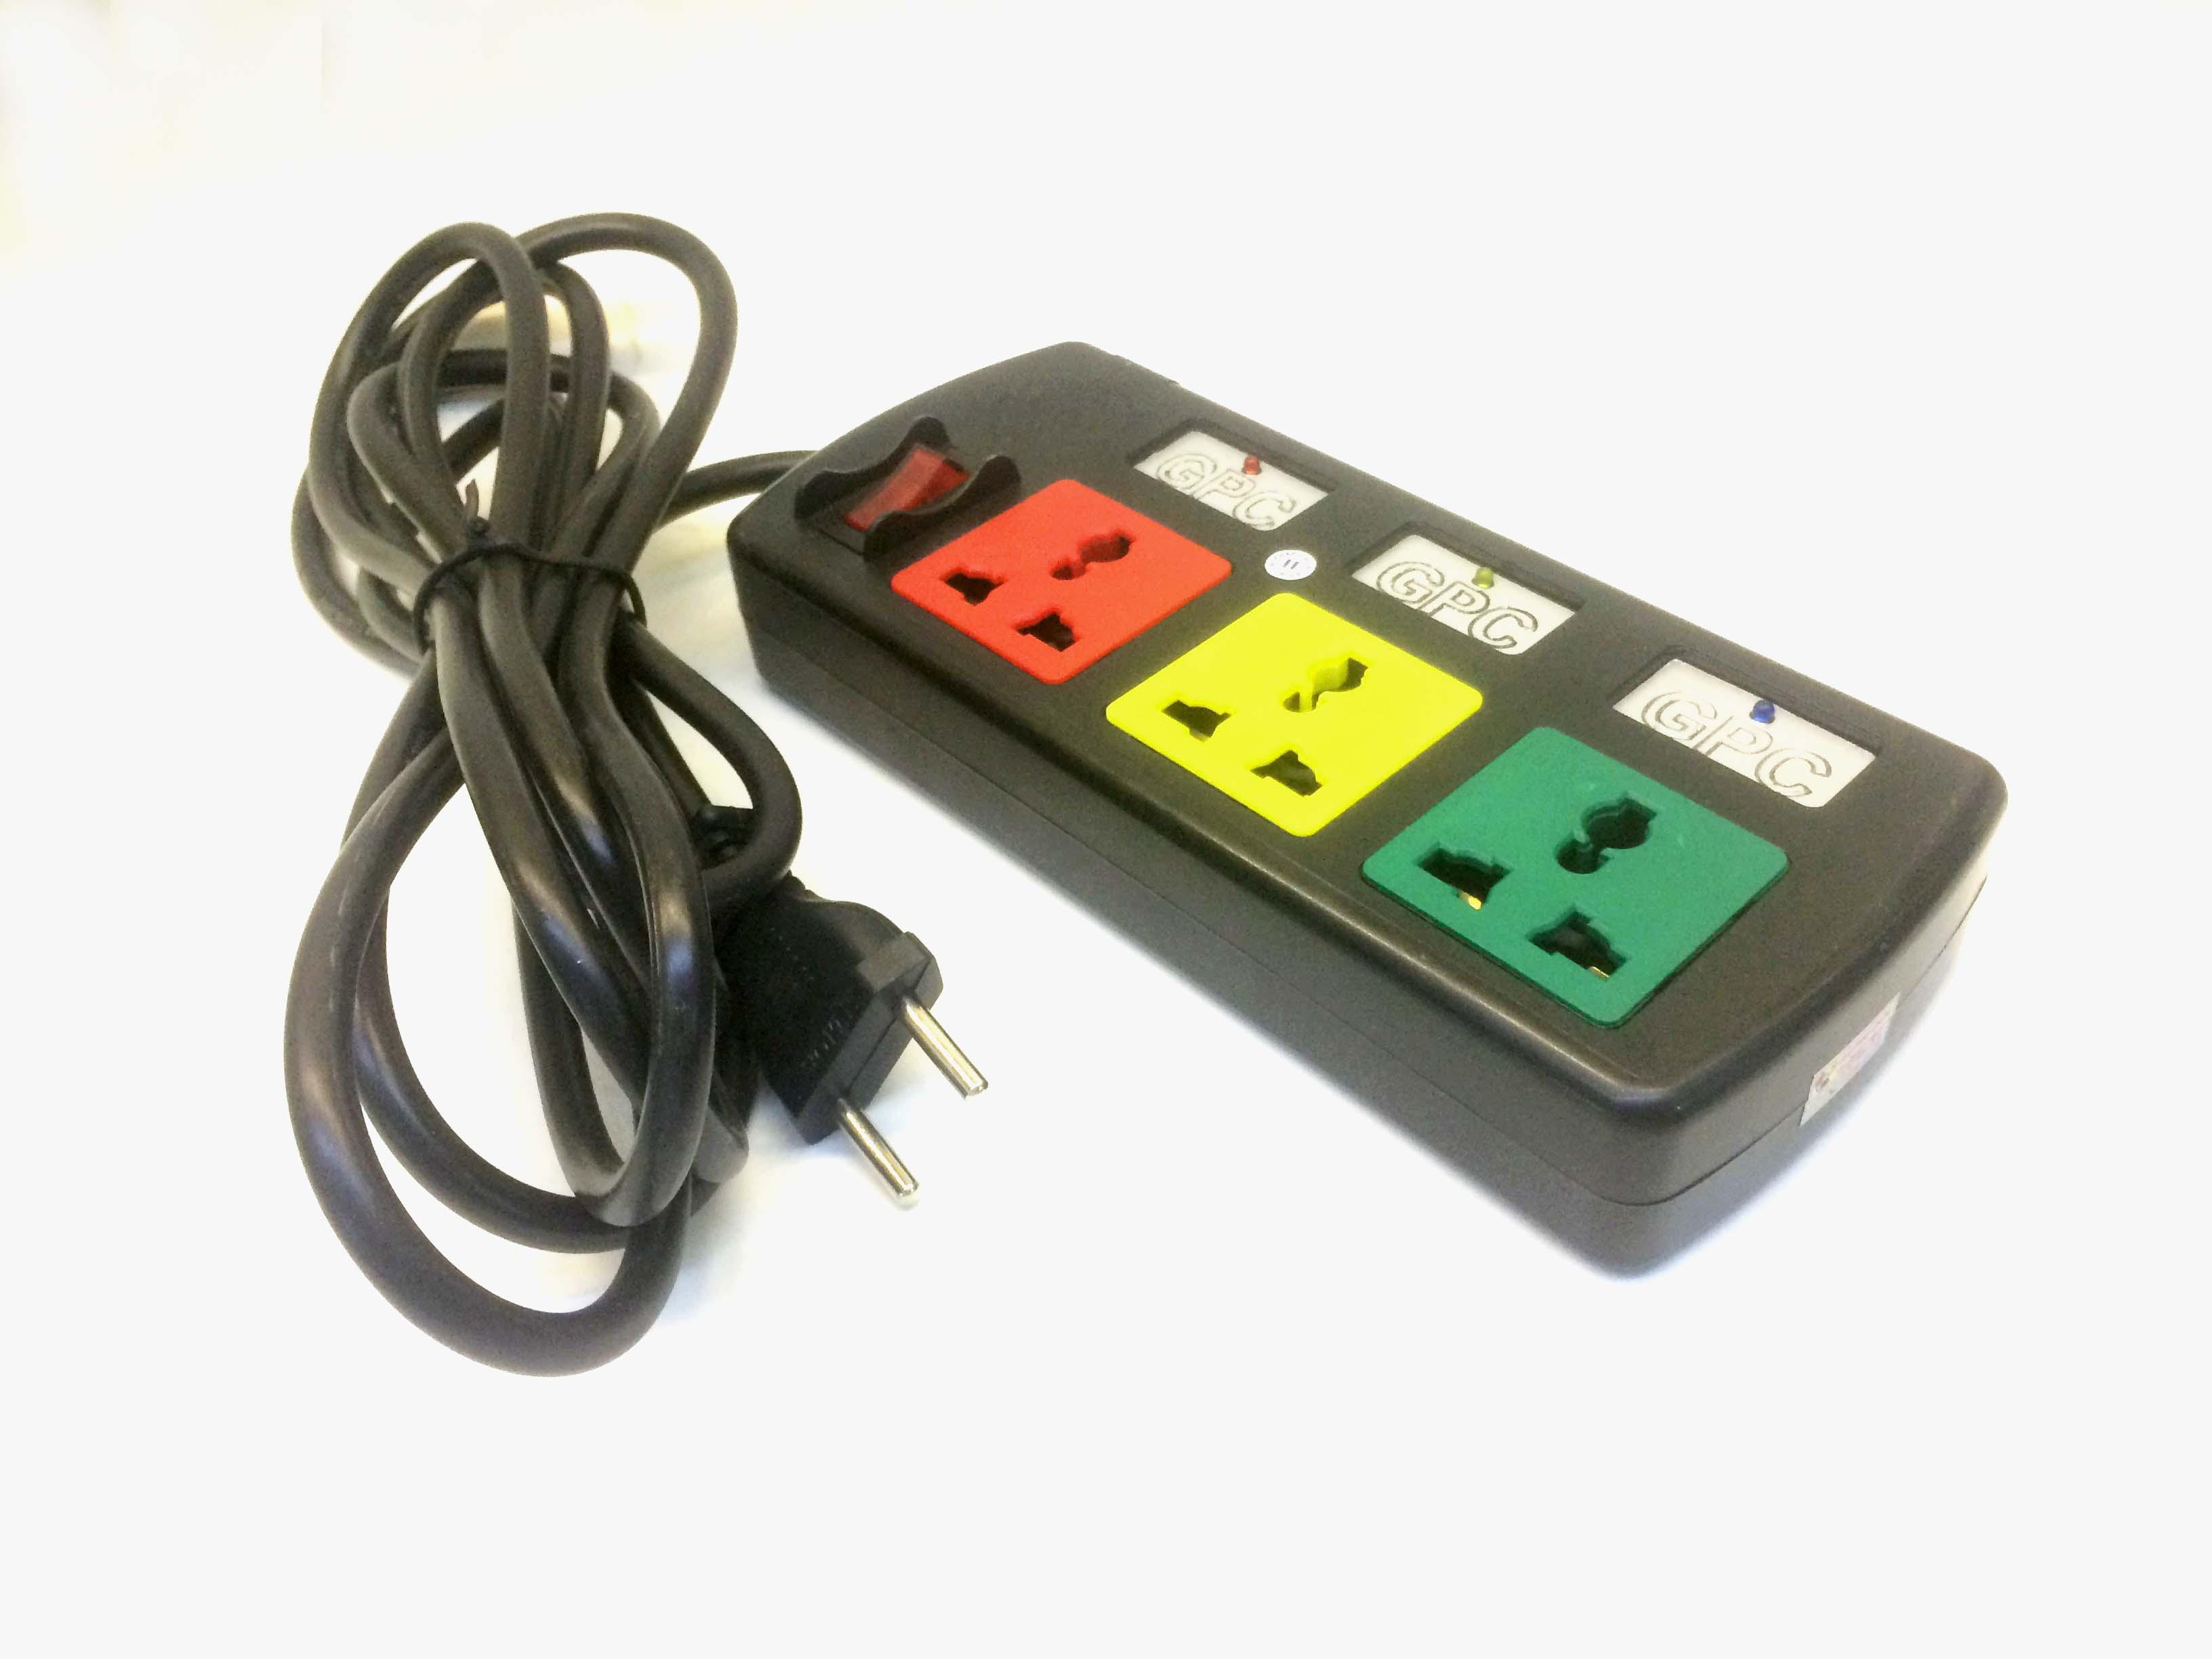 Ổ cắm điện điều khiển bằng Bluetooth